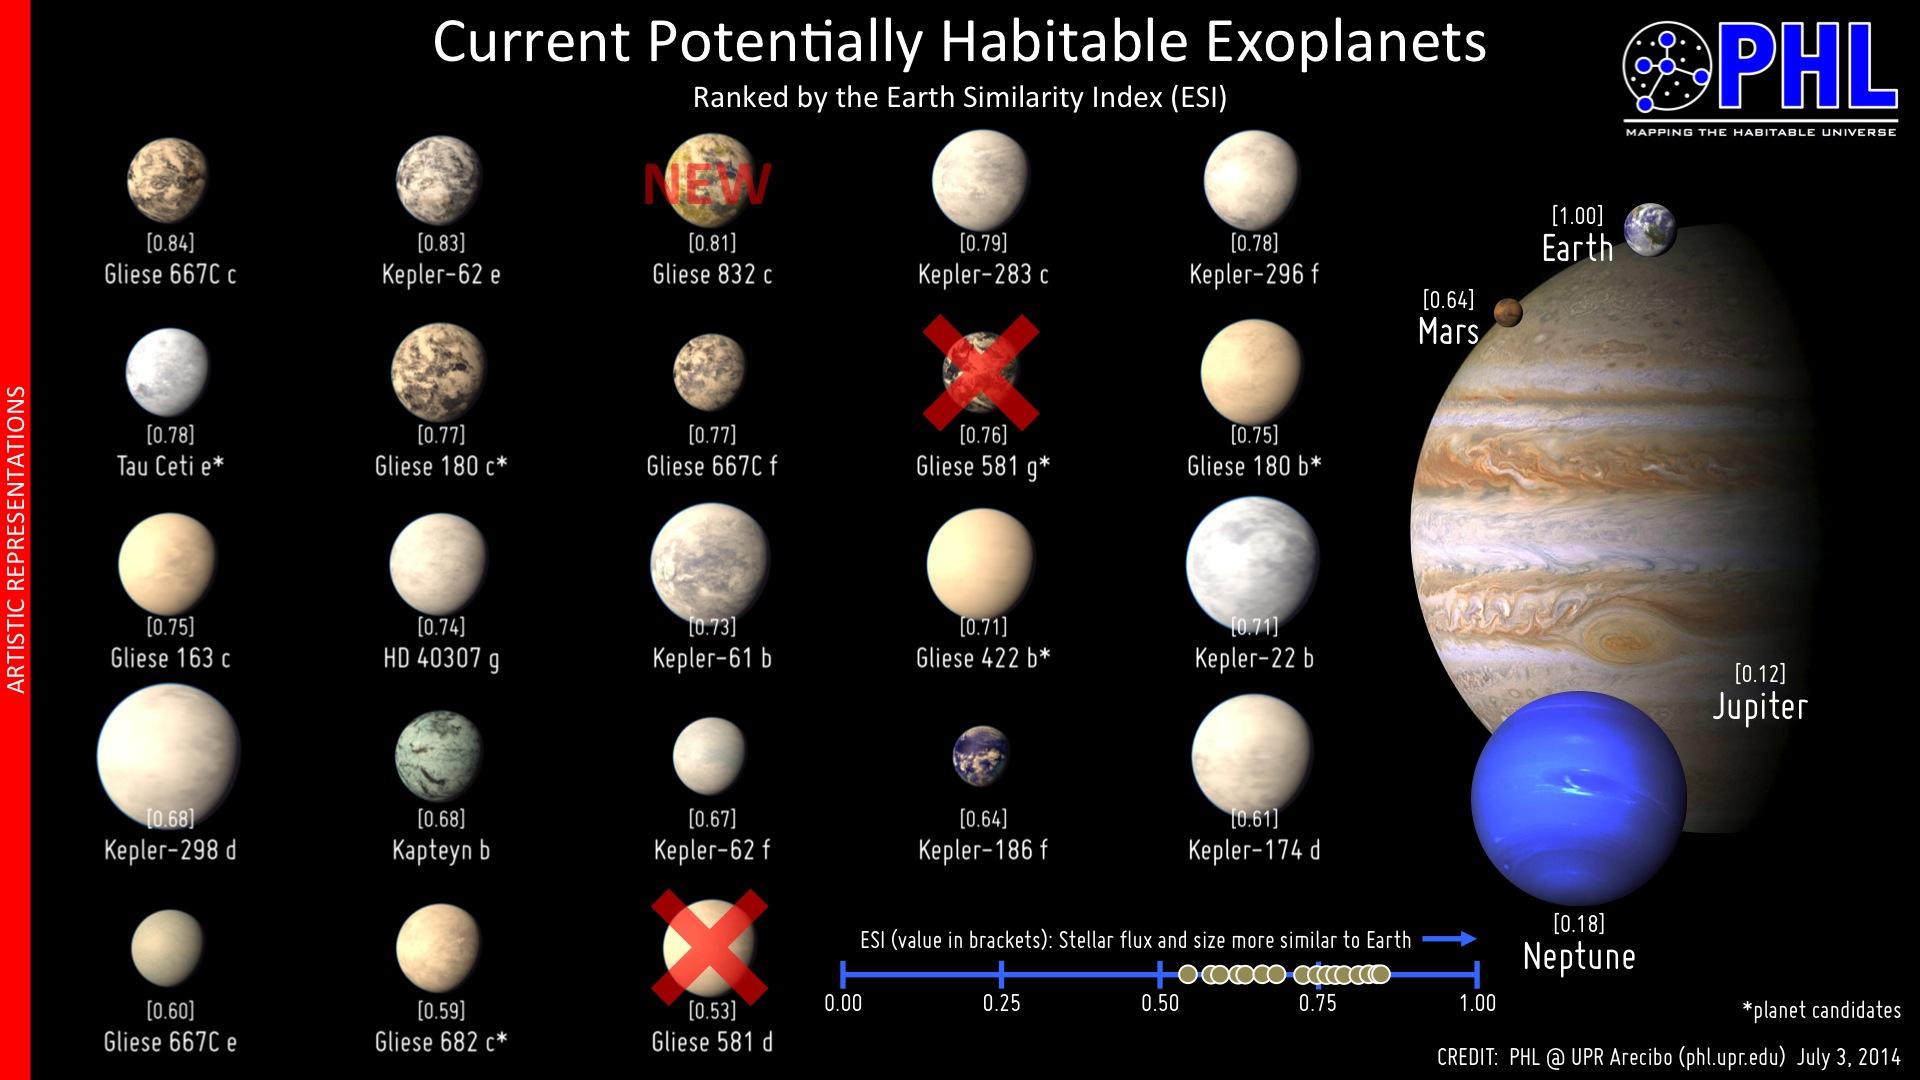 در این تصویر تمامی سیاراتی که در منطقه زیست پذیر قرار دارند را مشاهده می کنید. 2 سیاره ای که پیش از این تصور می شد وجود دارند، از این کاتالوگ حذف شدند و سیاره ابر زمین ۸۳۲ Gliese  نیز به این لیست اضافه شده است.